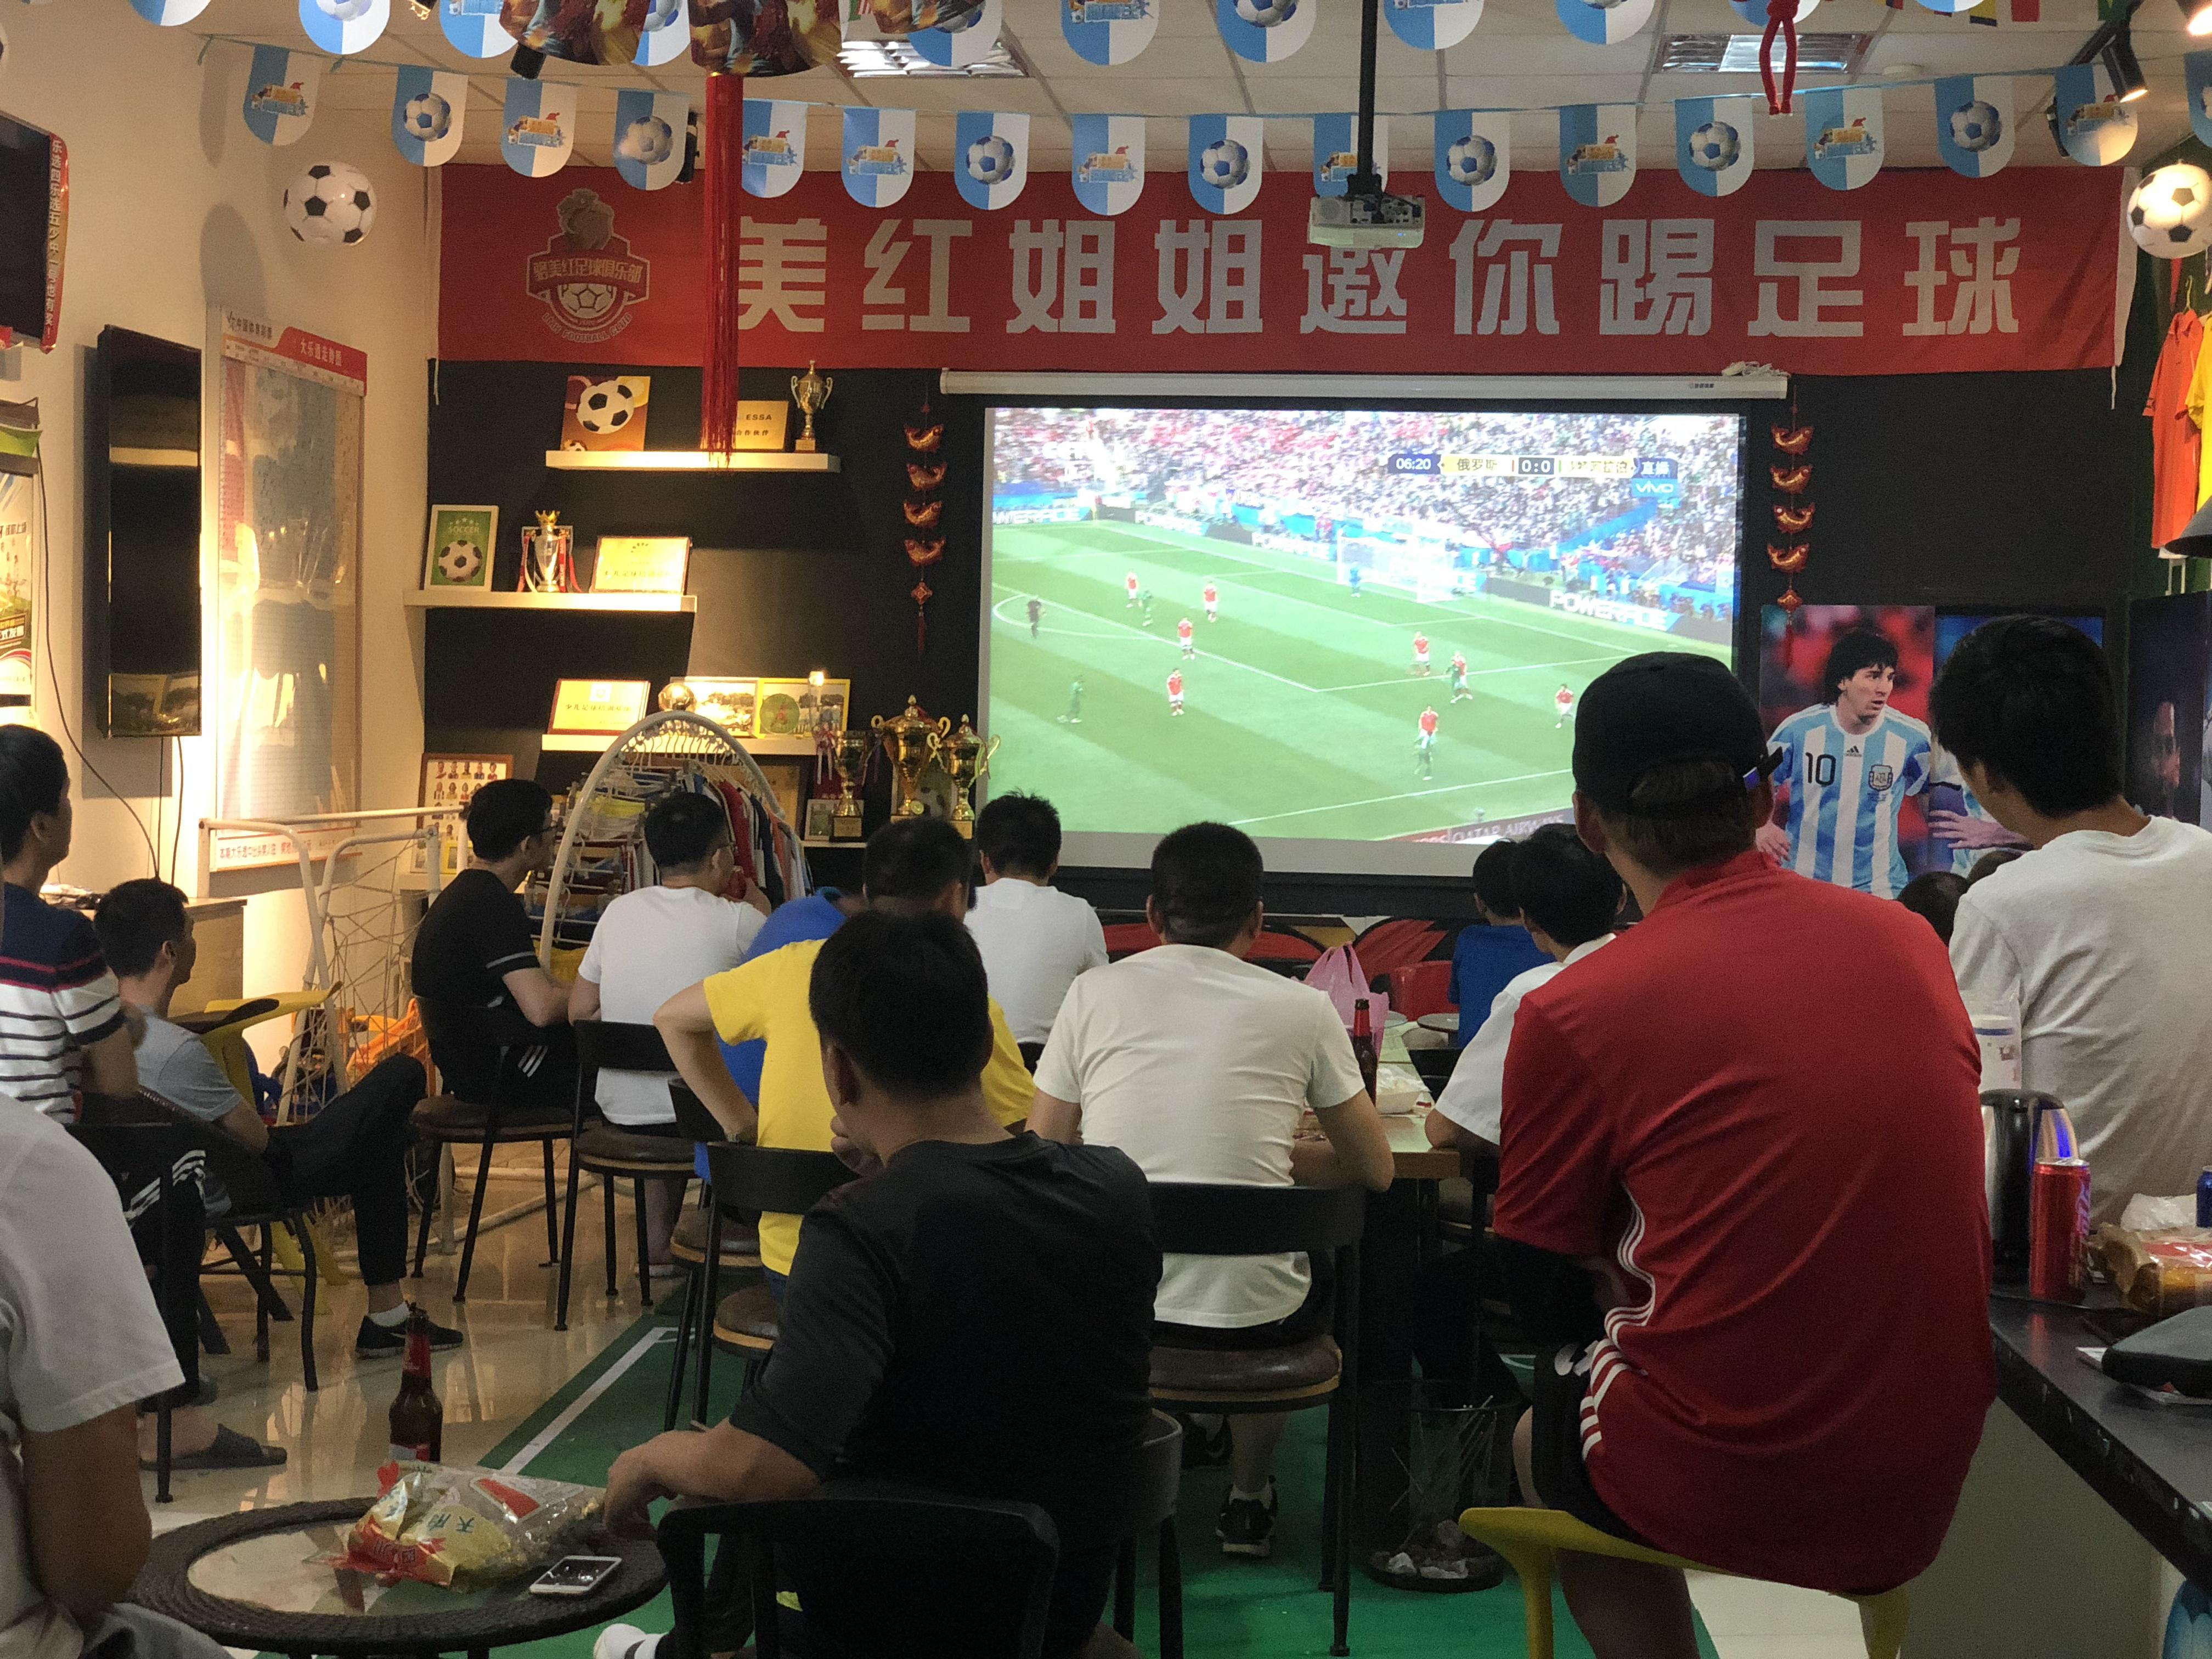 前国家女足队员卖彩票:世界杯每天只睡两小时